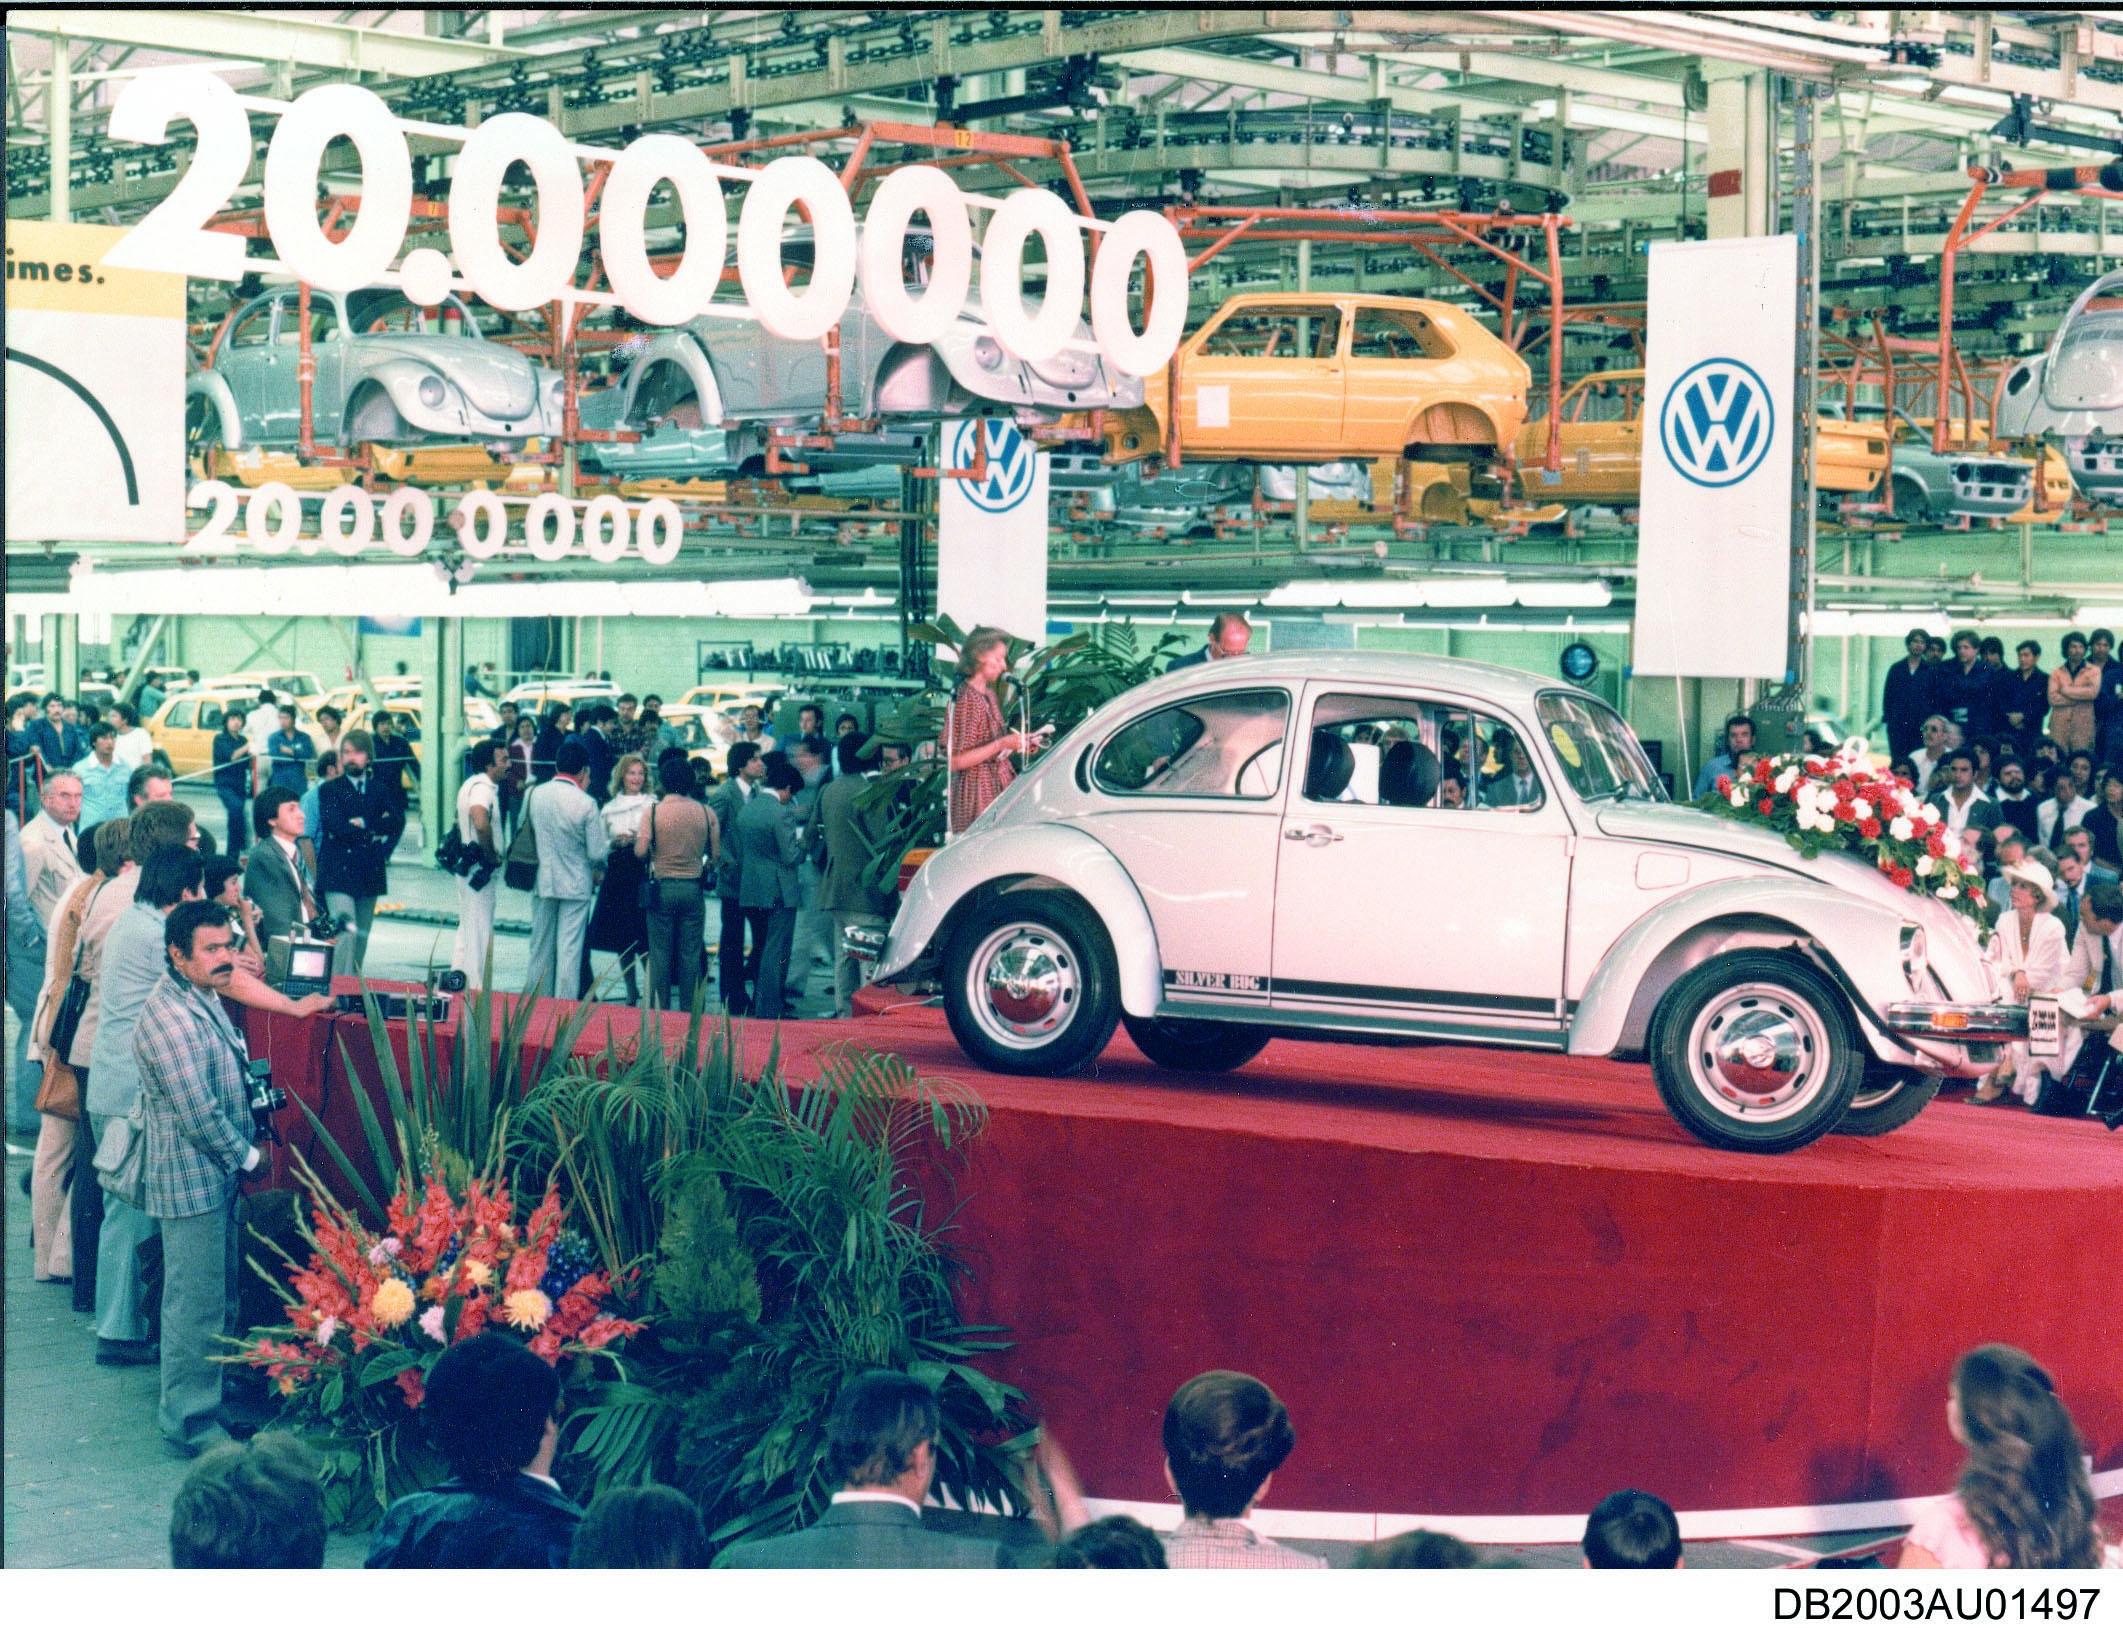 20 millionth Volkswagen beetle